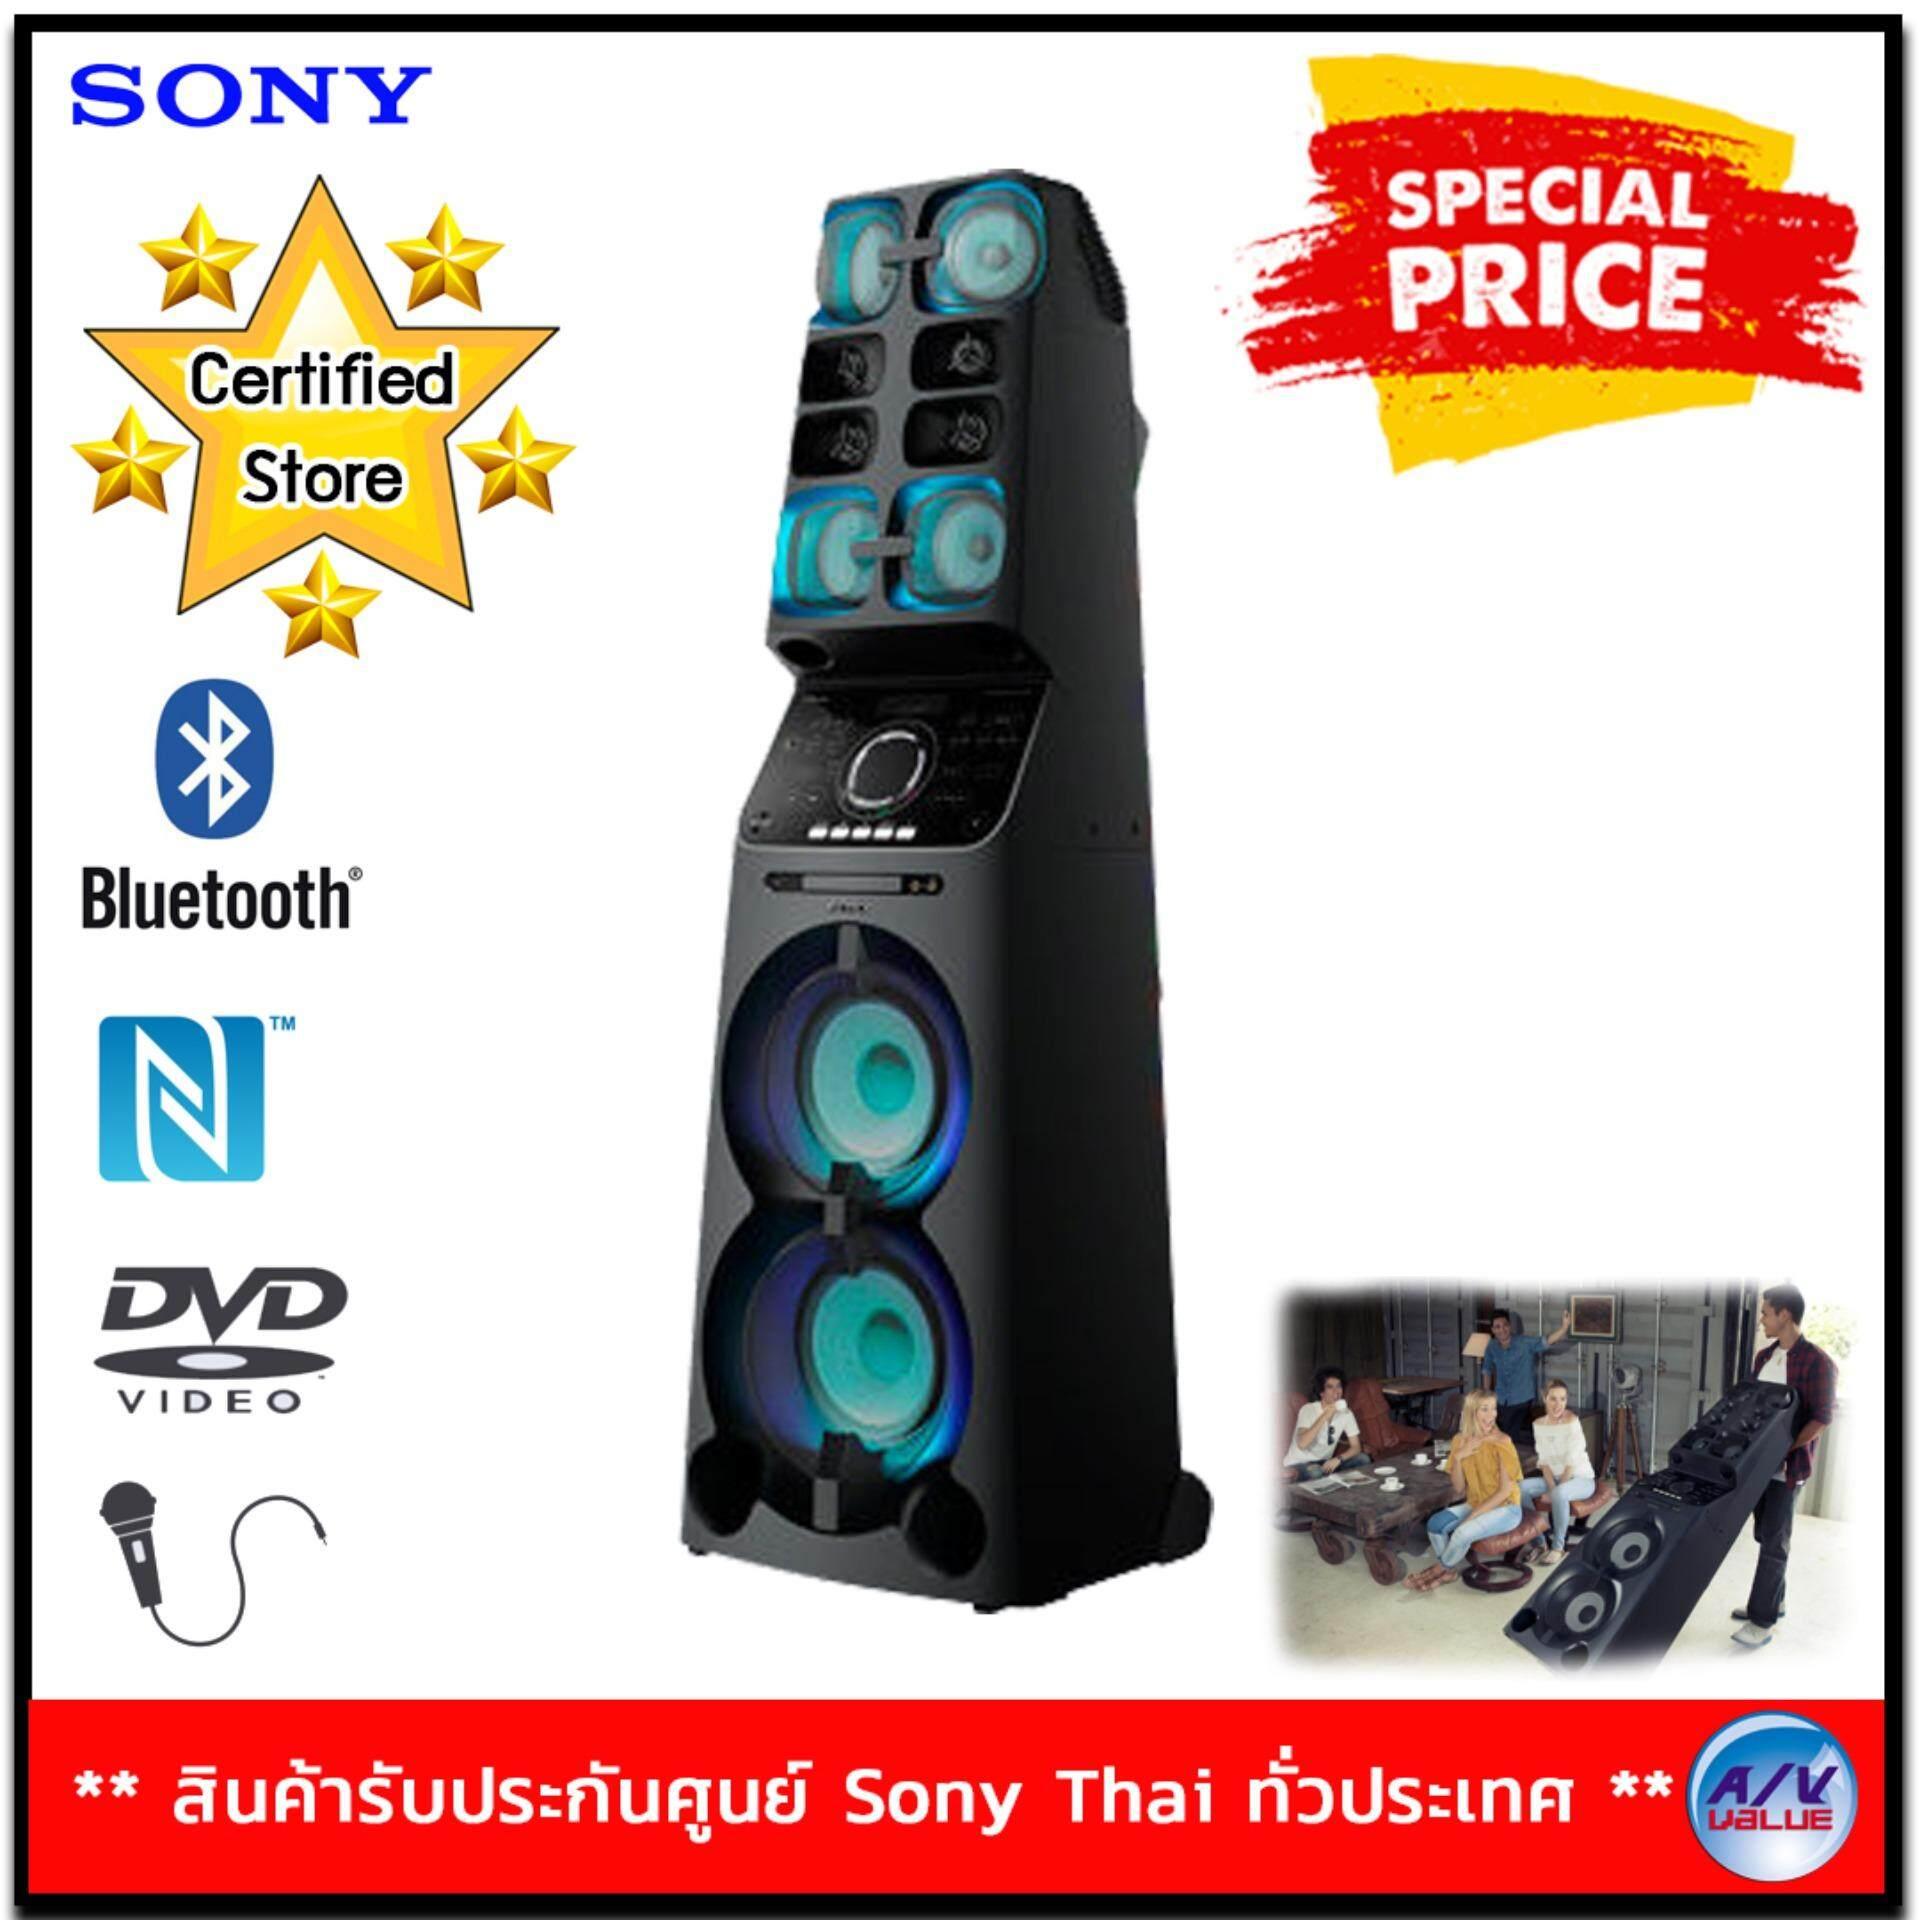 ยี่ห้อนี้ดีไหม  ชลบุรี SONY รุ่น MHC-V90DW ระบบเครื่องเสียงพลังสูง MUTEKI  **ราคาพิเศษ มีจำนวนจำกัด